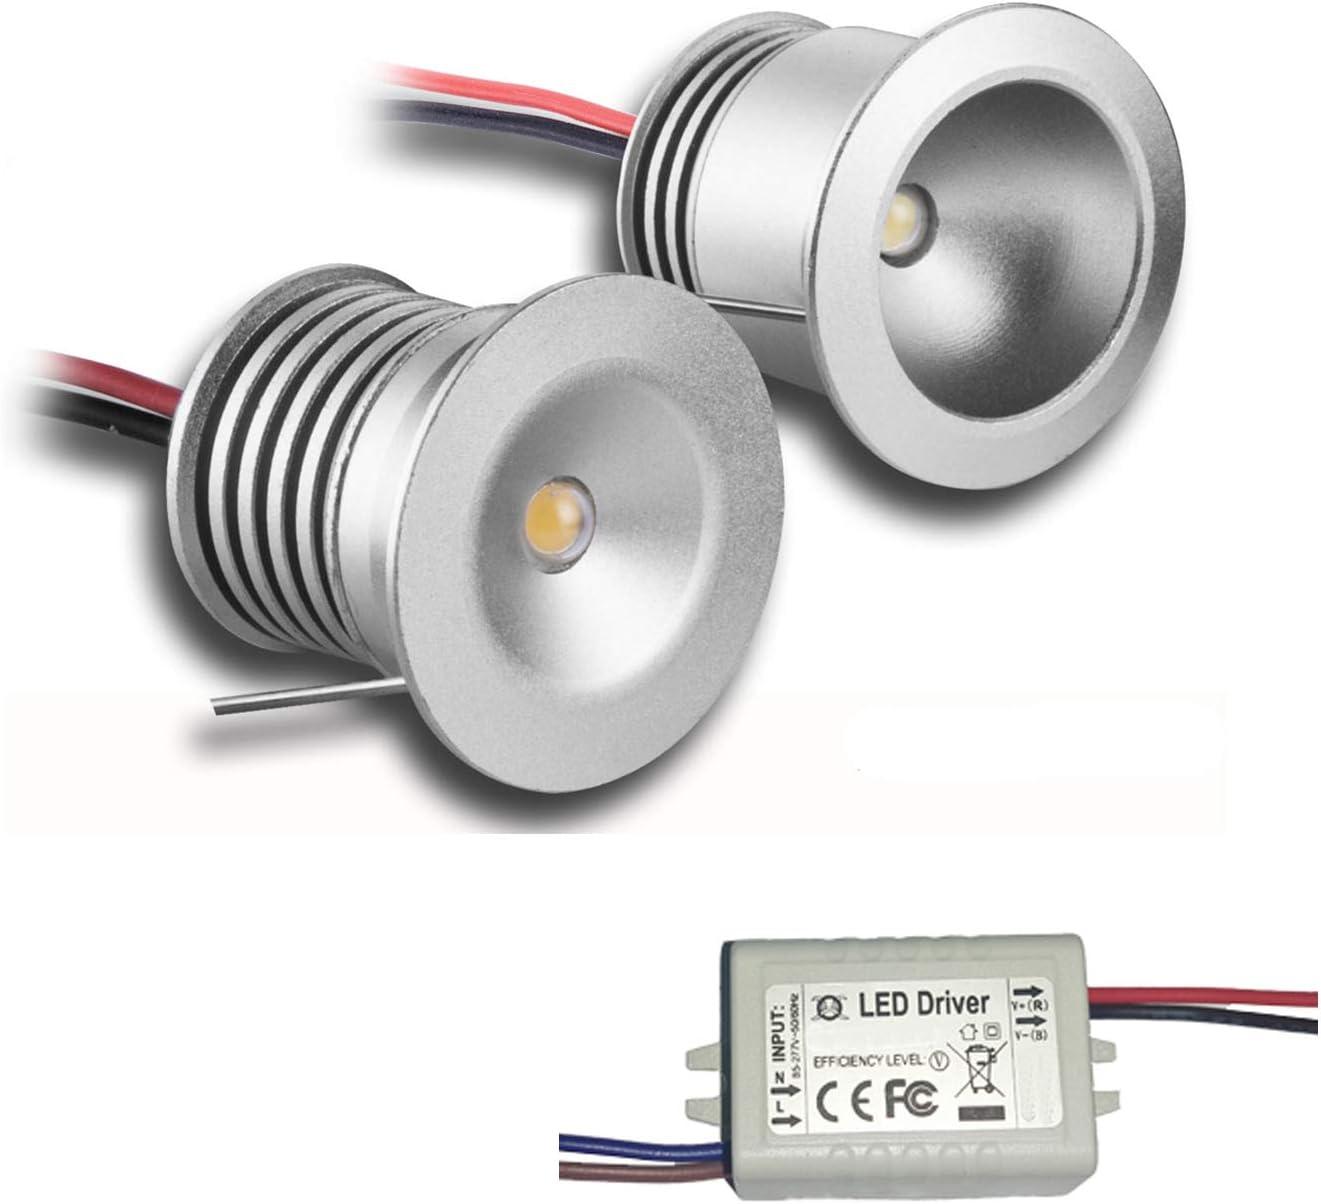 Warm White KPSUN alluminio mini faretti decorativi 30/° da 3 V e 1 W di protezione IP65; con certificazione CE e RoHS confezione da 6 mini faretti a LED